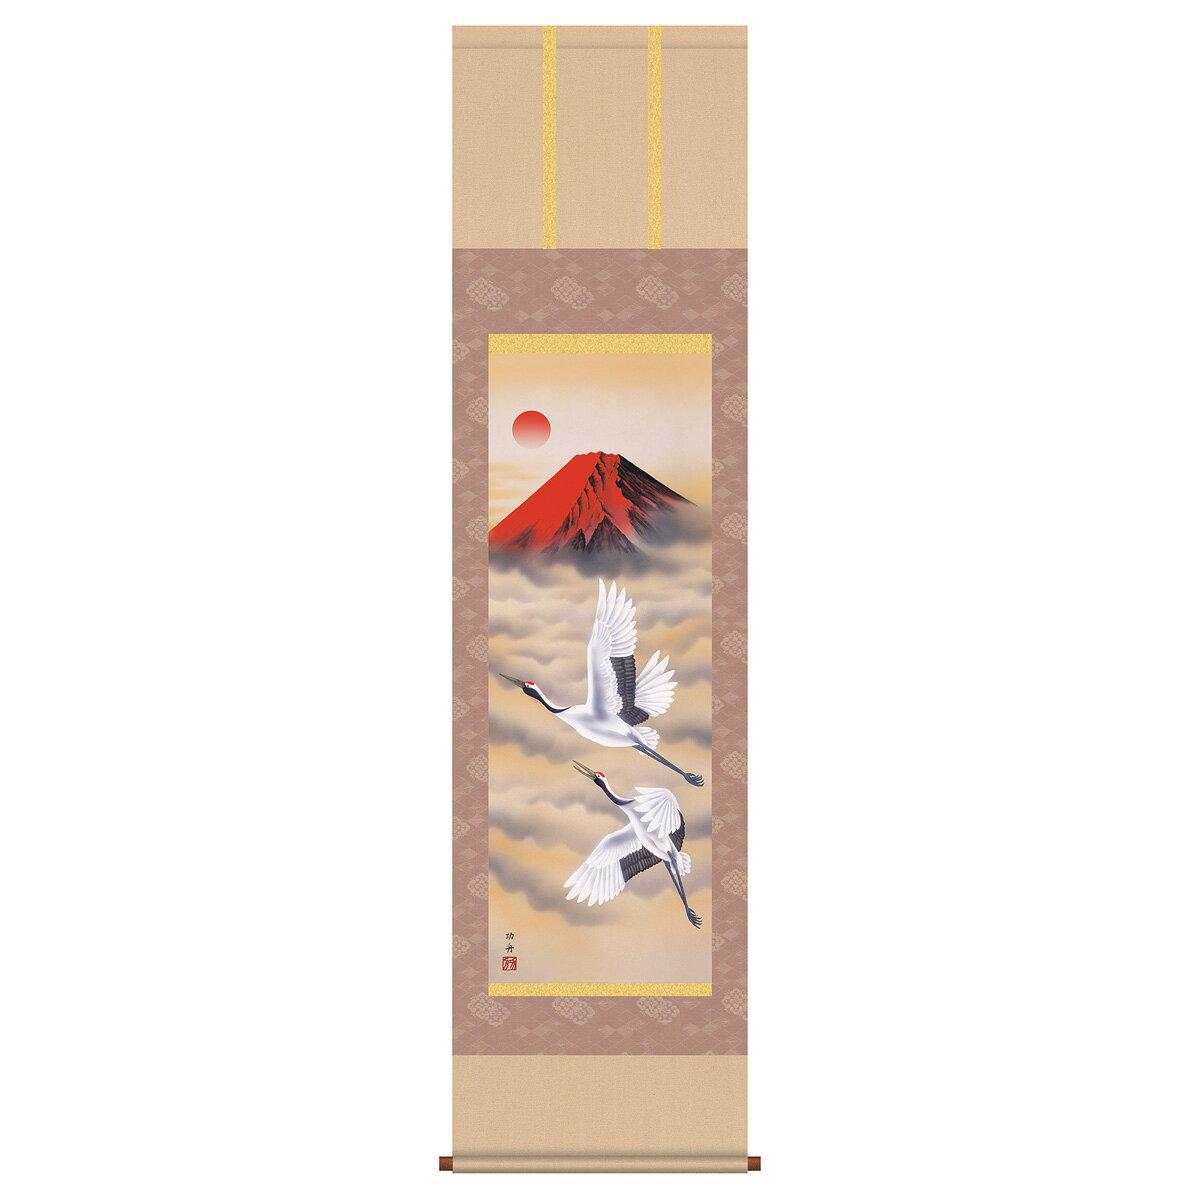 節句 正月 掛け軸 「瀬田功舟(洛友会)作 赤富士飛翔 掛け軸」2016年雛人形 ●正月飾り